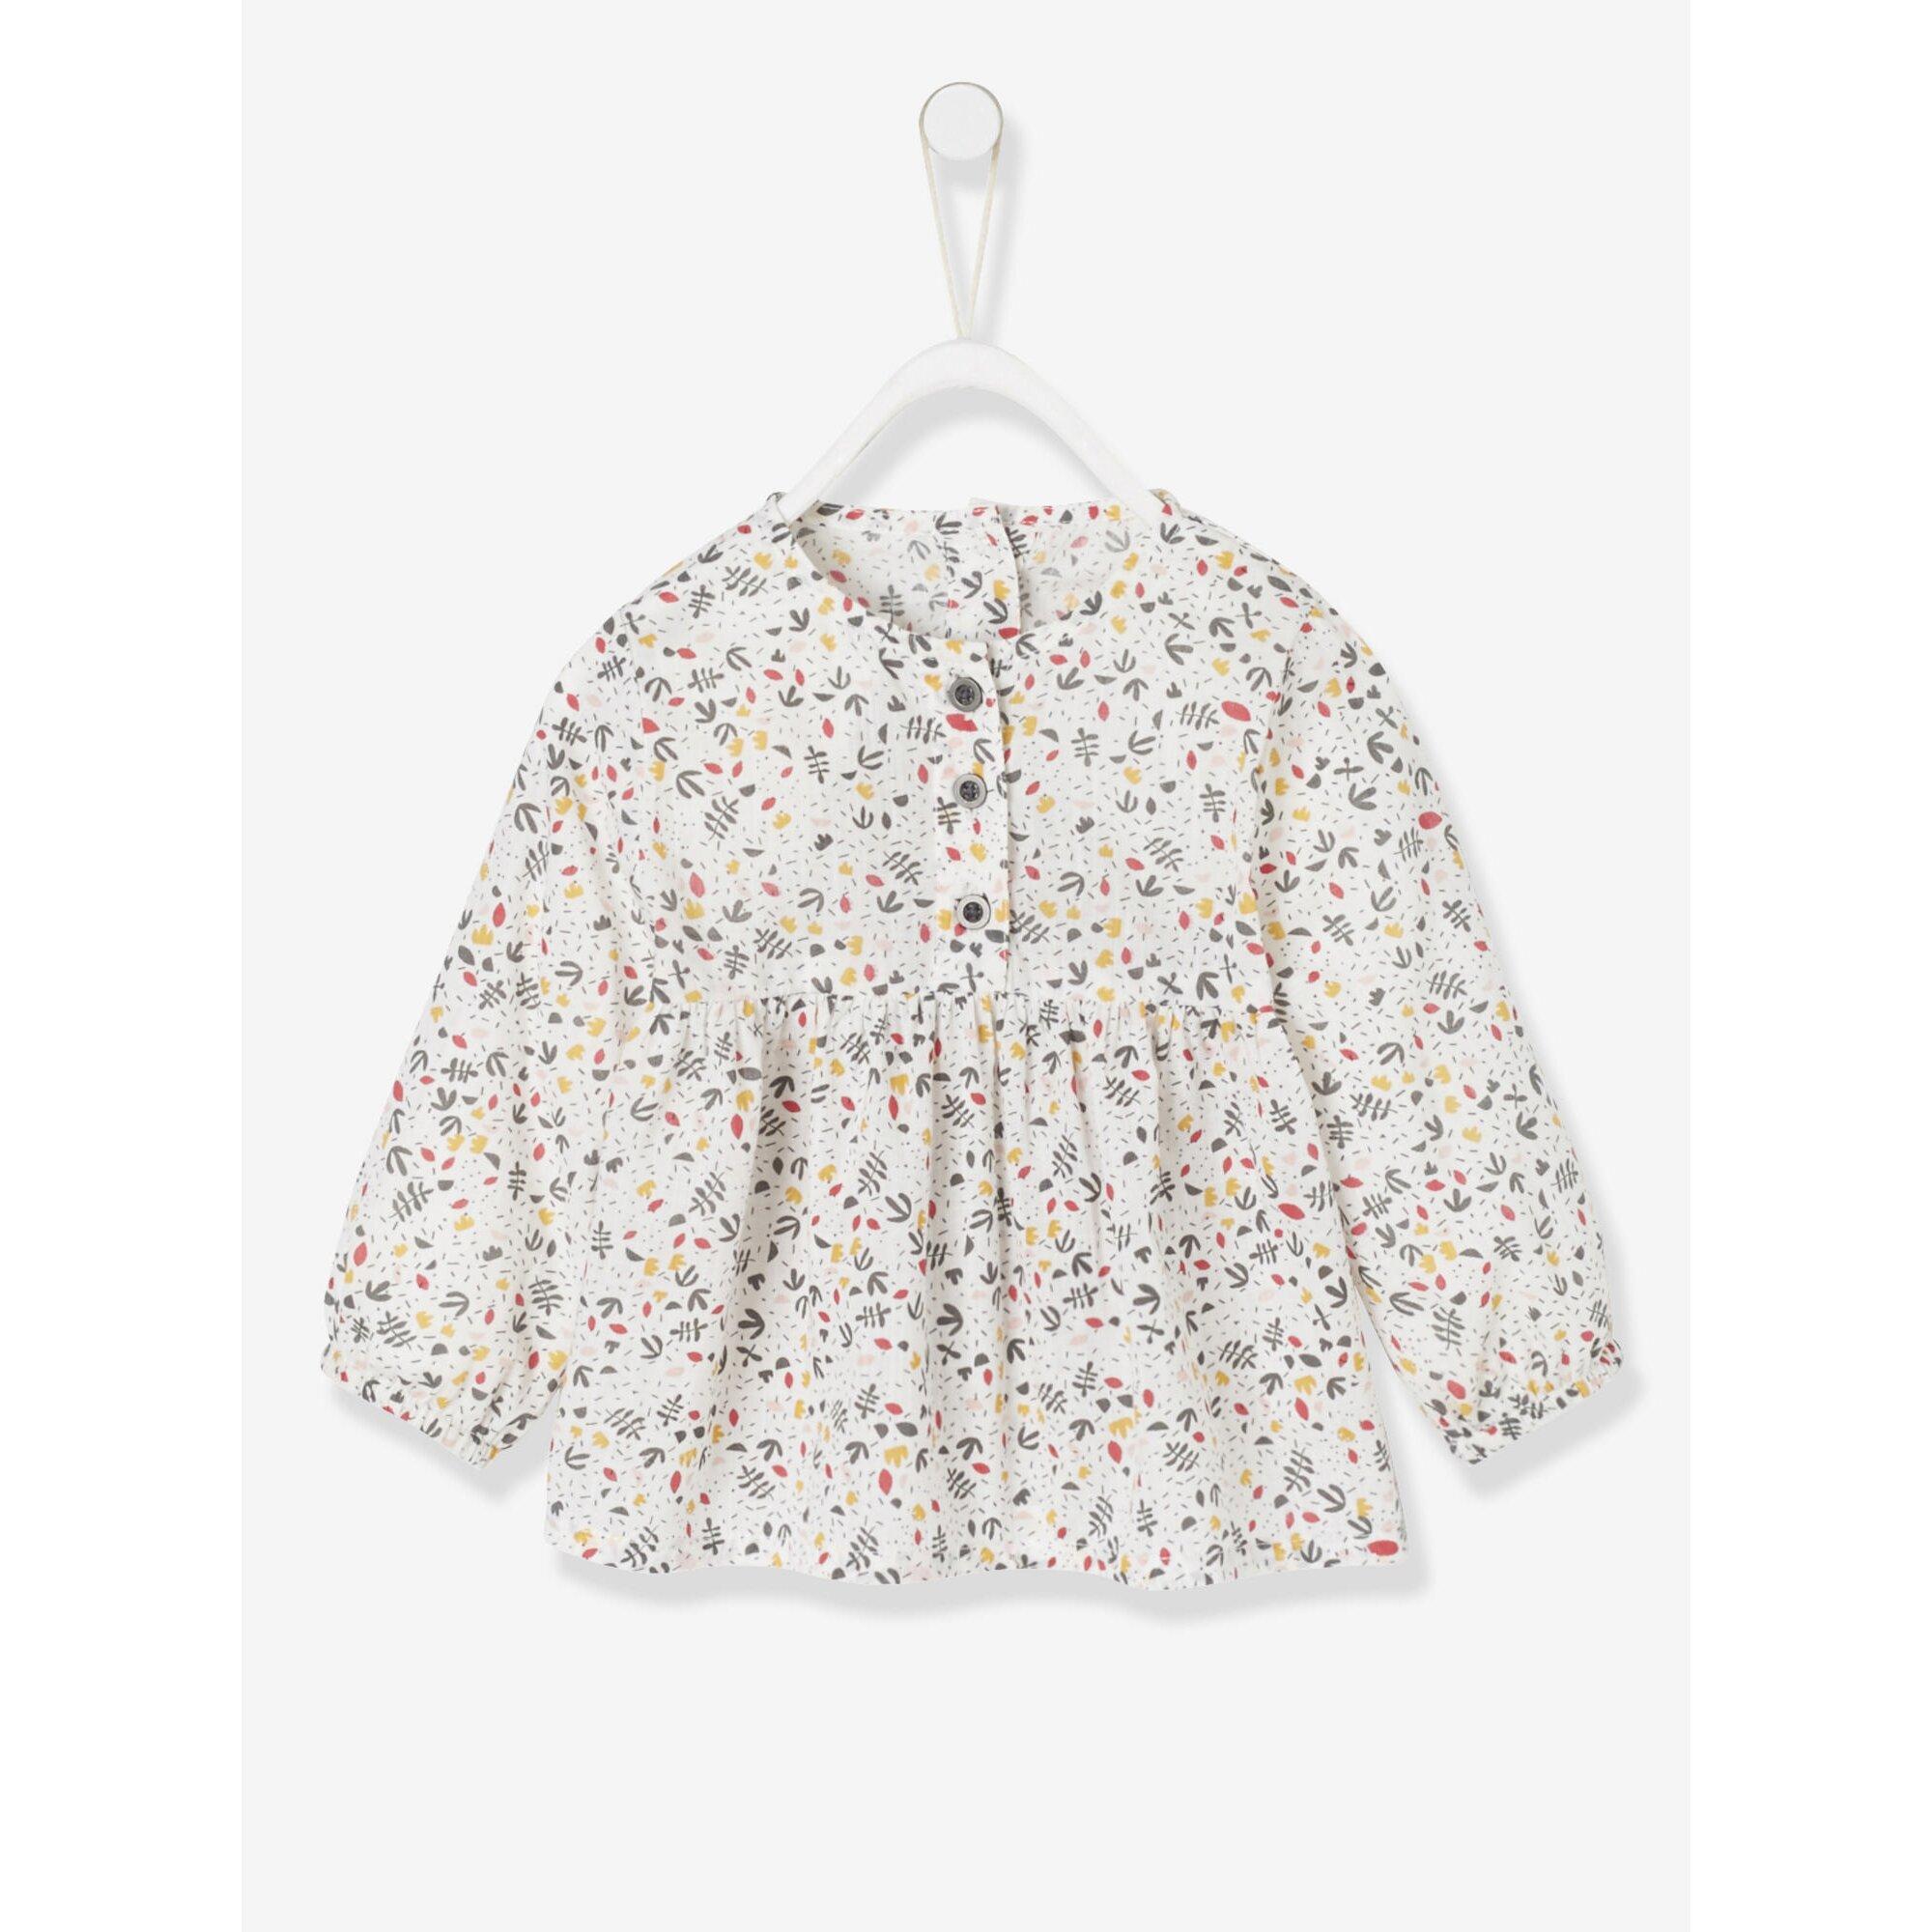 Vertbaudet Baby Mädchen Bluse, Blumenmuster